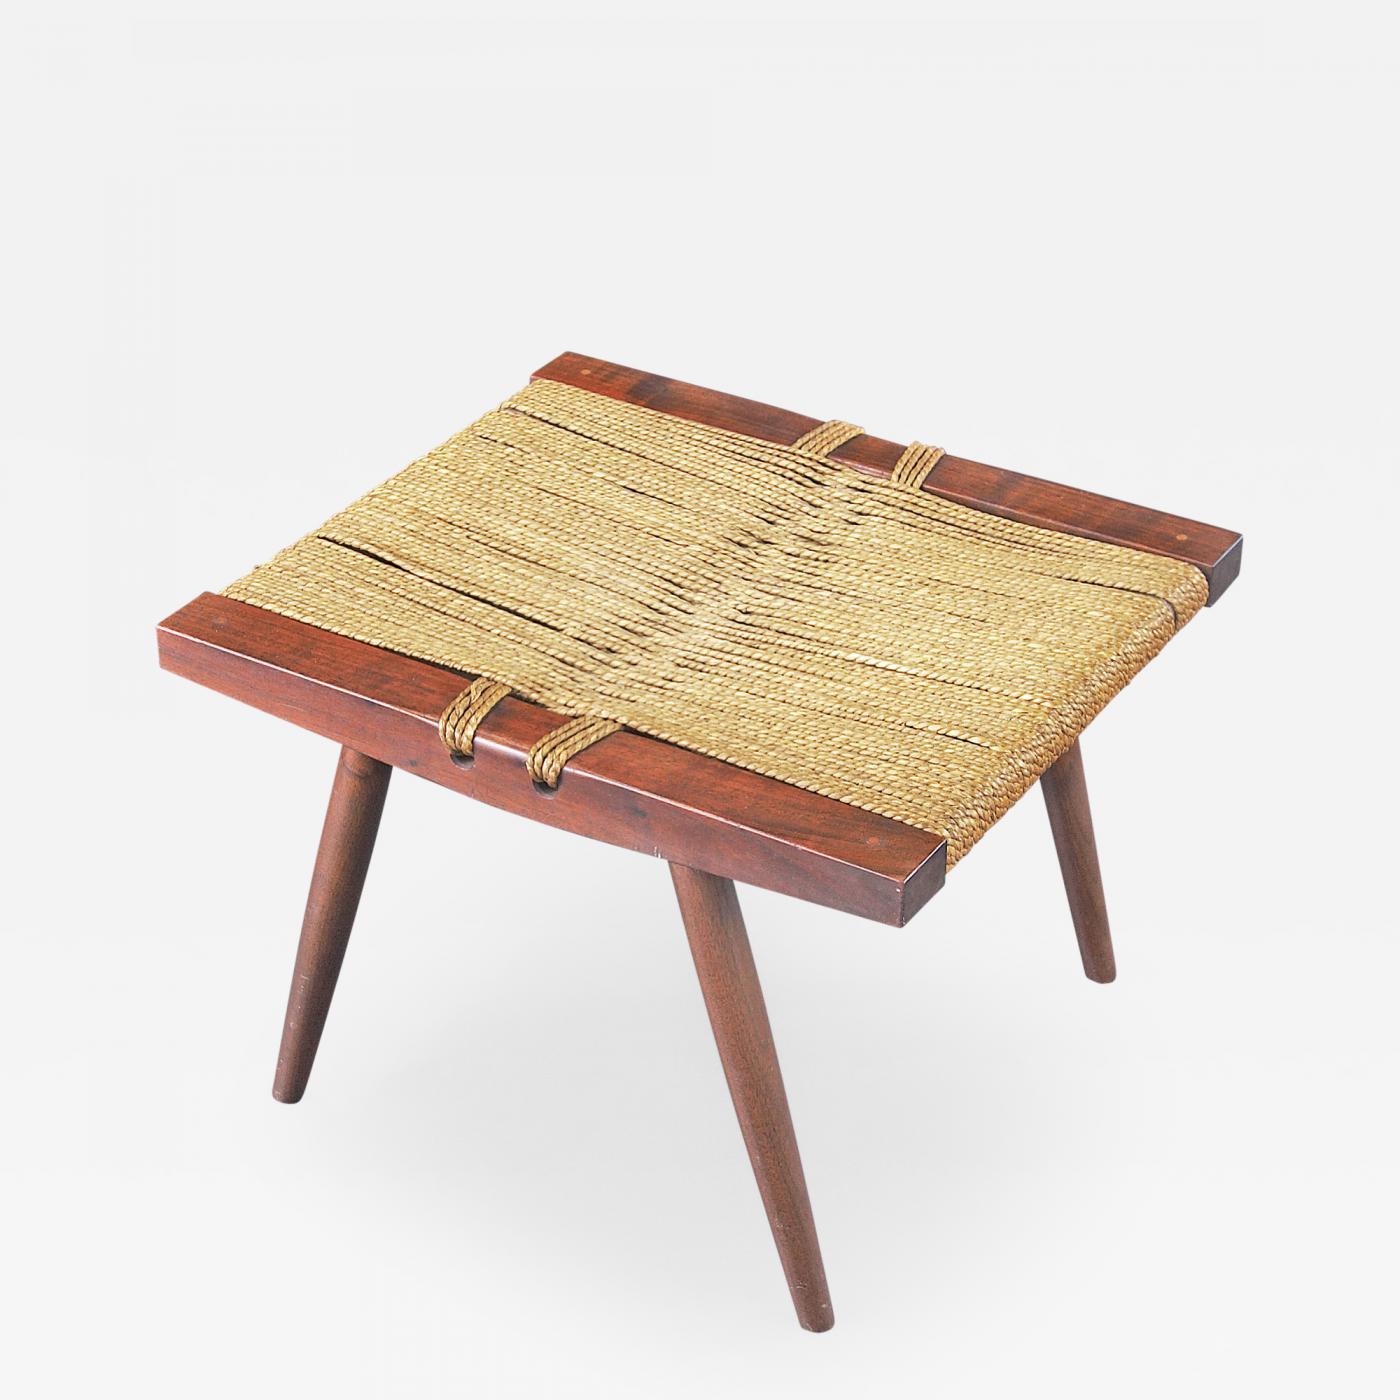 George Nakashima Grass seated Stool by George Nakashima